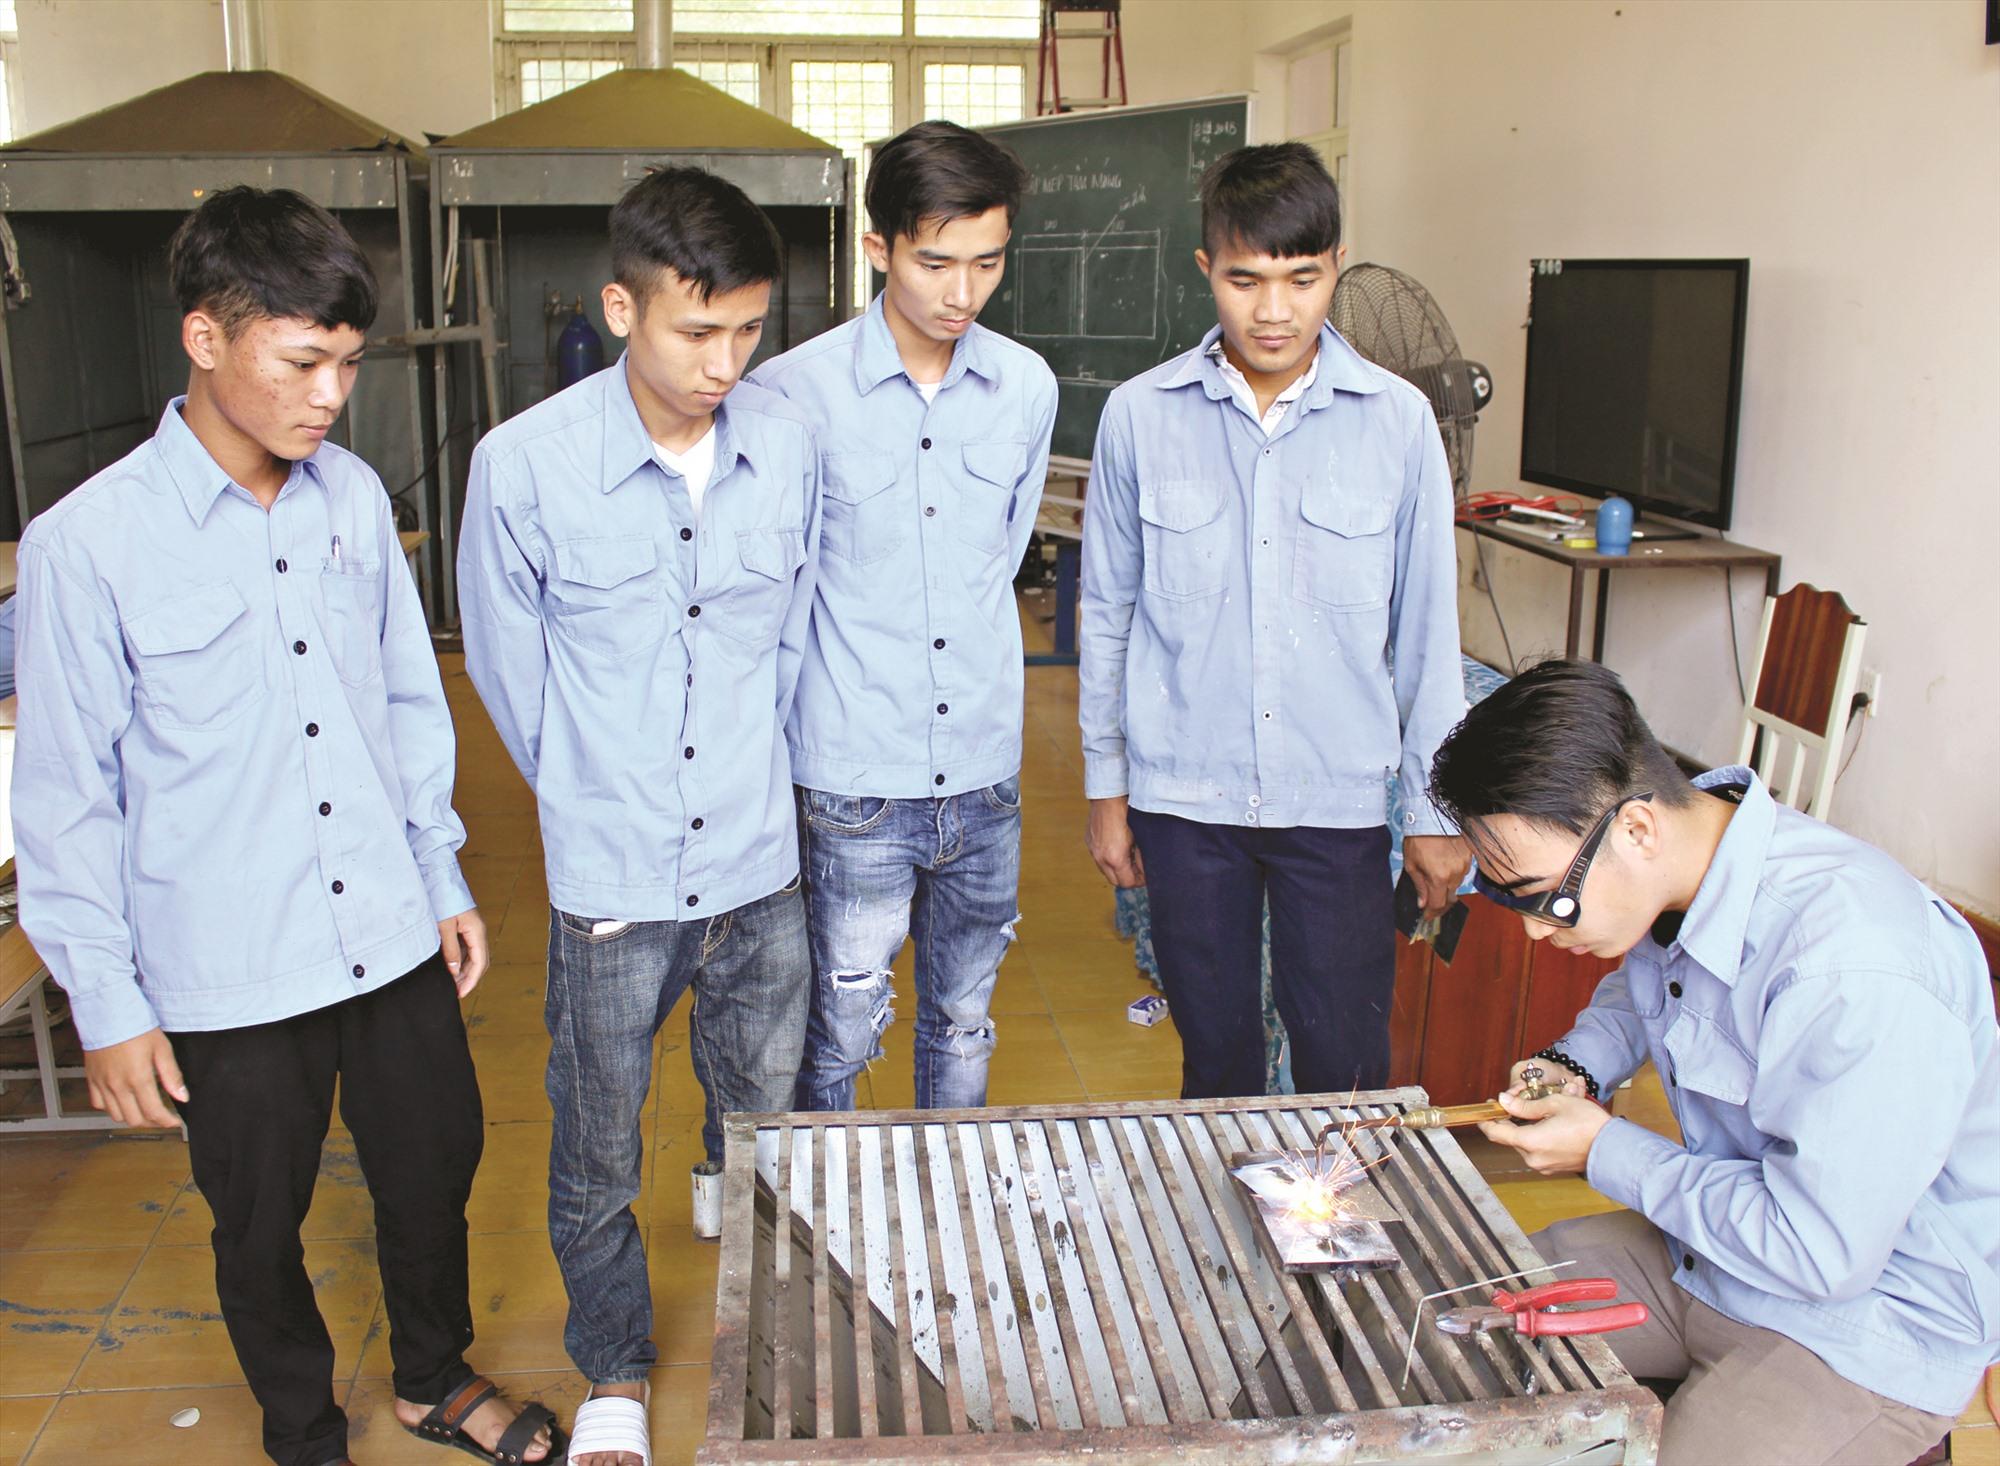 Thời gian qua, việc đào tạo nghề ở các cơ sở giáo dục nghề nghiệp công lập đã đào tạo lượng lớn lao động của tỉnh. Ảnh: D.L